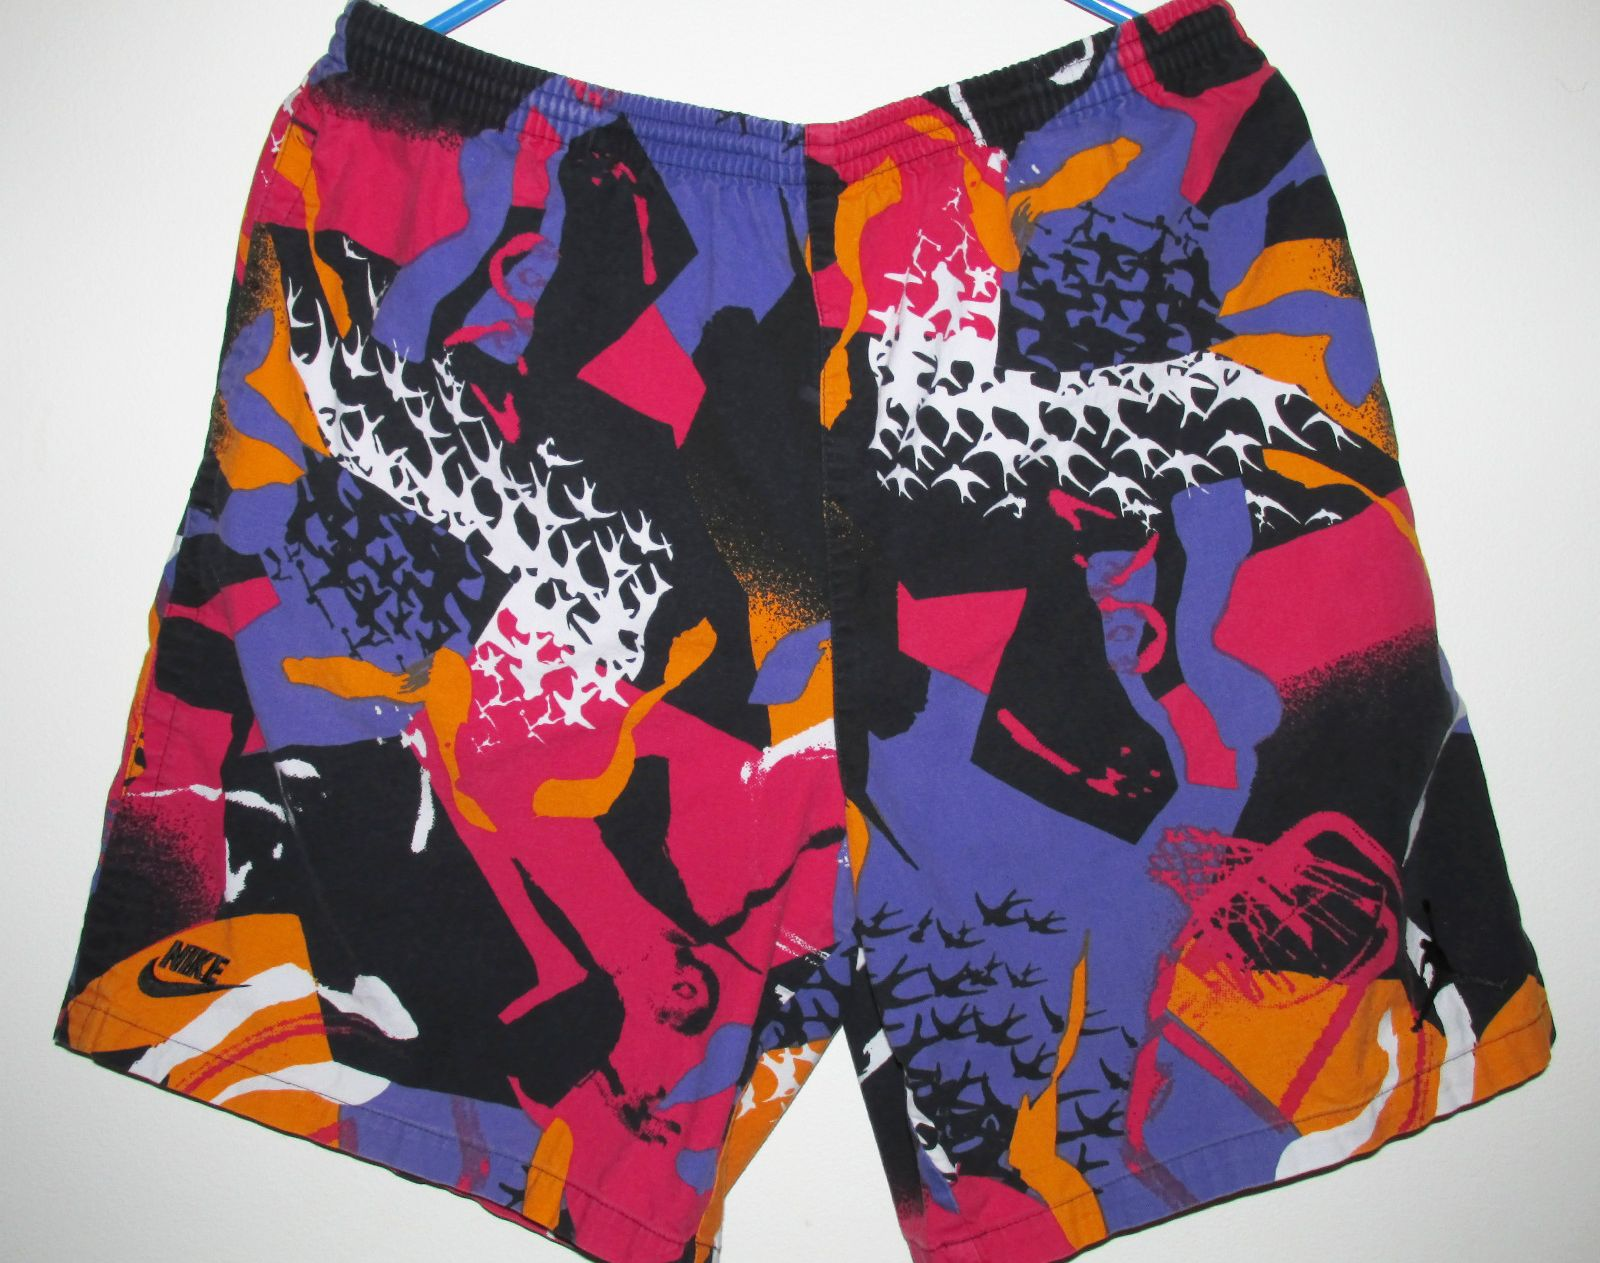 jordan all over print shorts Shop